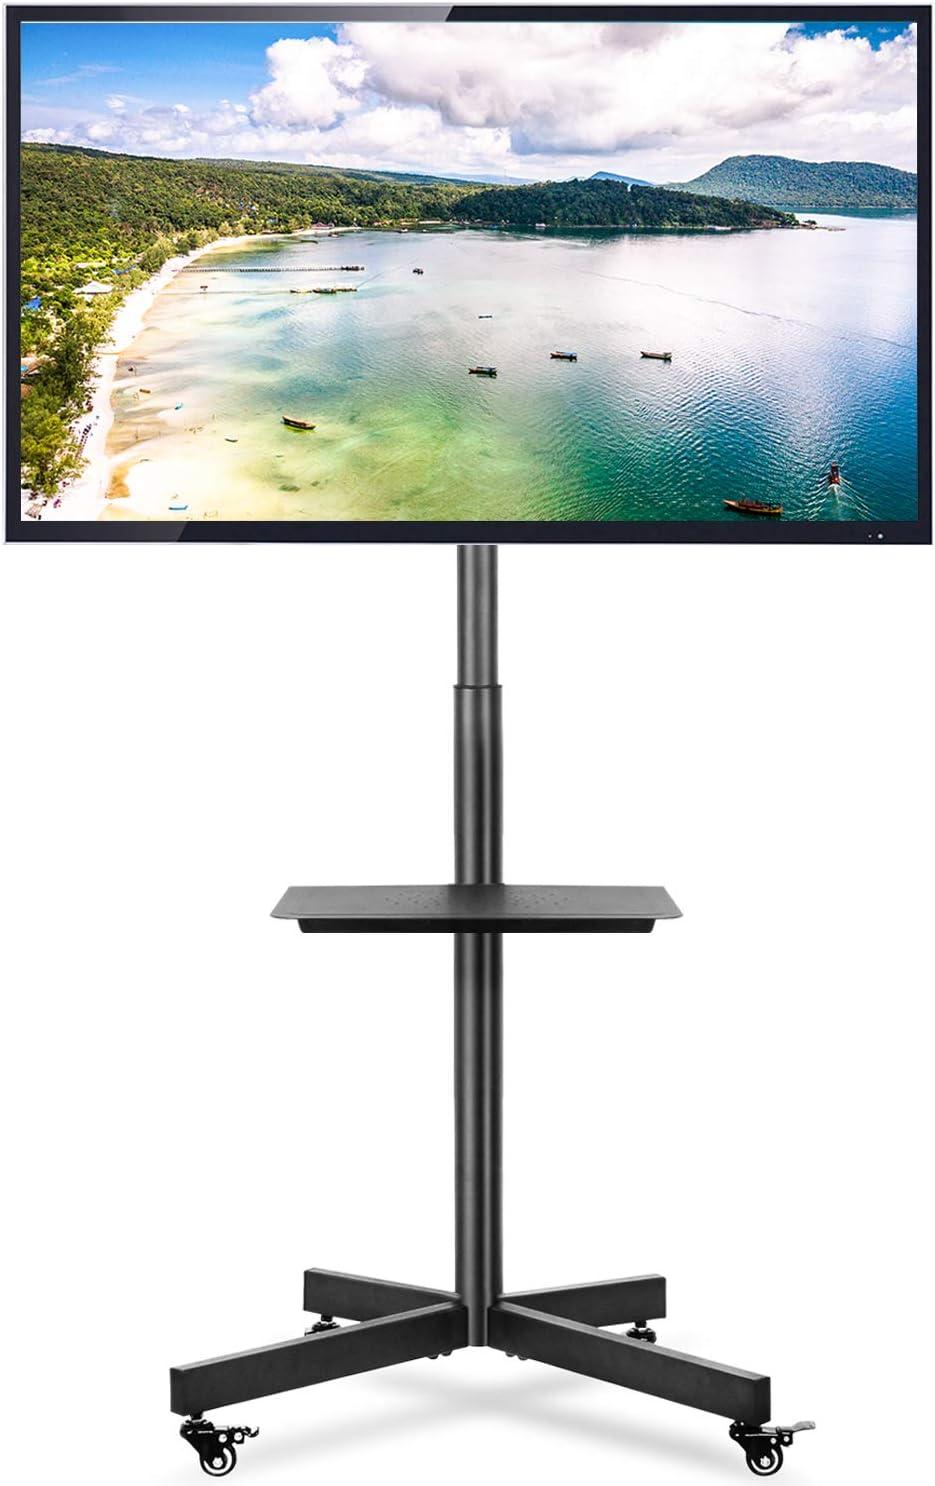 RFIVER Support TV sur Pied Meuble TV avec Support Pivotant Cantilever pour T/él/és et Ecrans LCD LED de 32 /à 65 Pouces TF2003